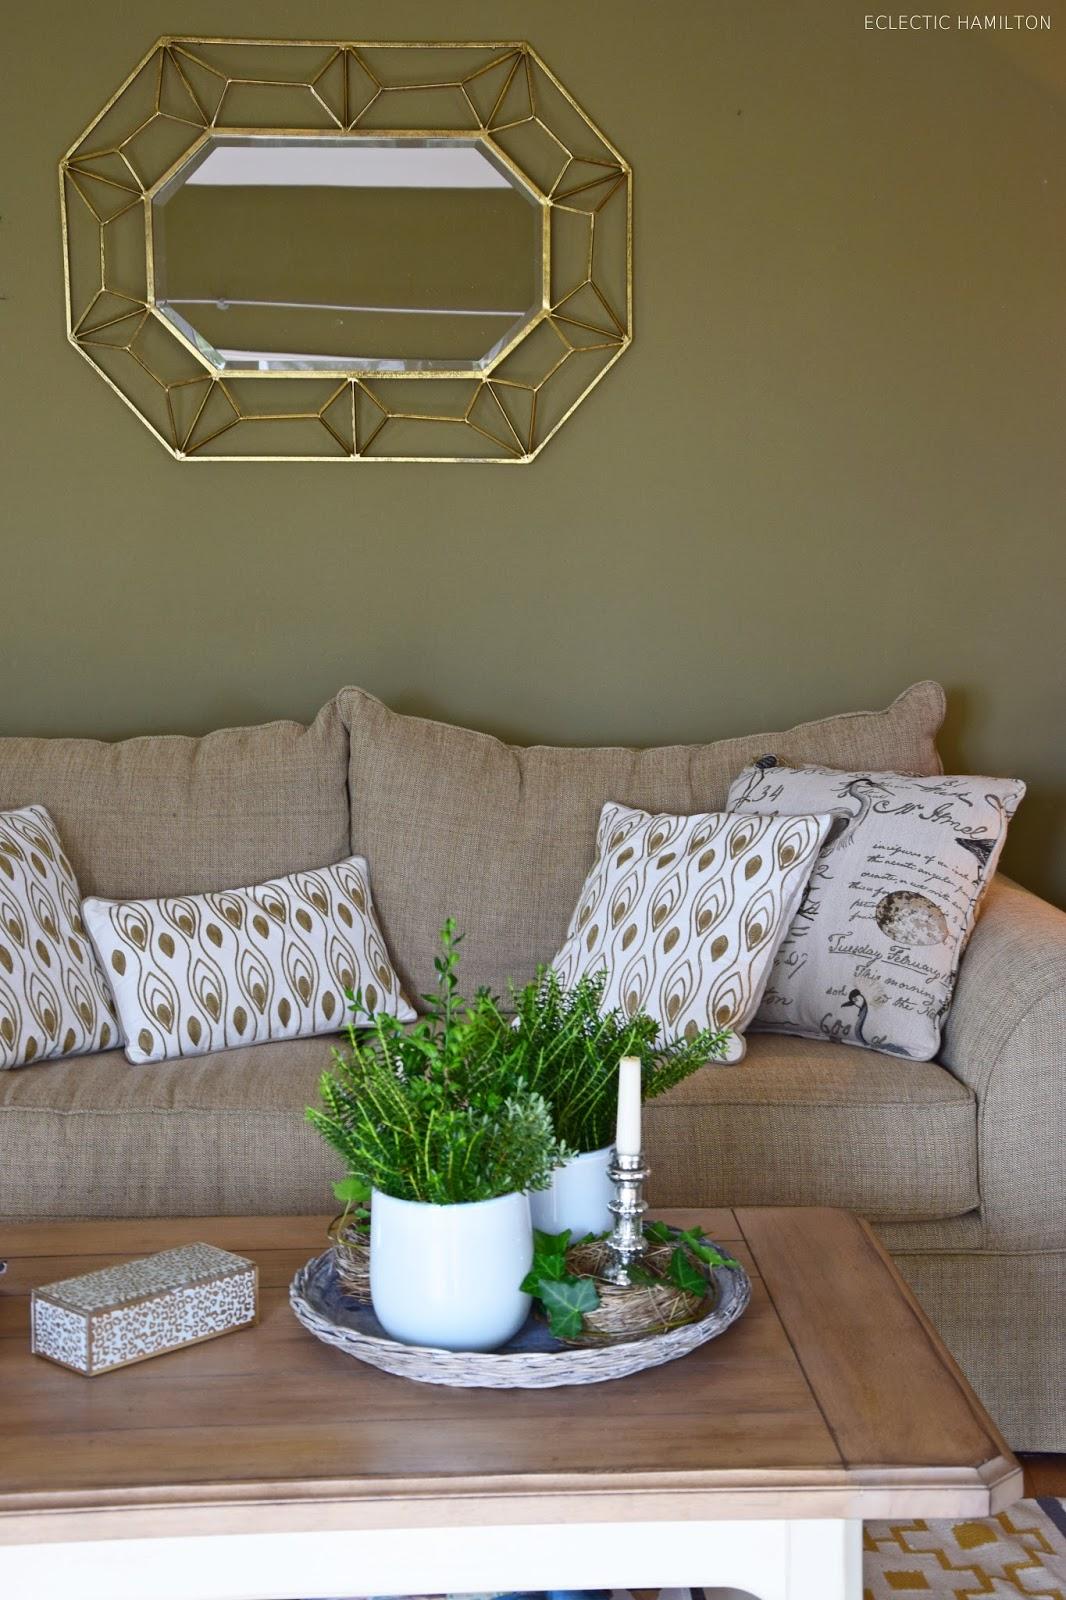 Mein wohnzimmer ... neu gestaltet   eclectic hamilton